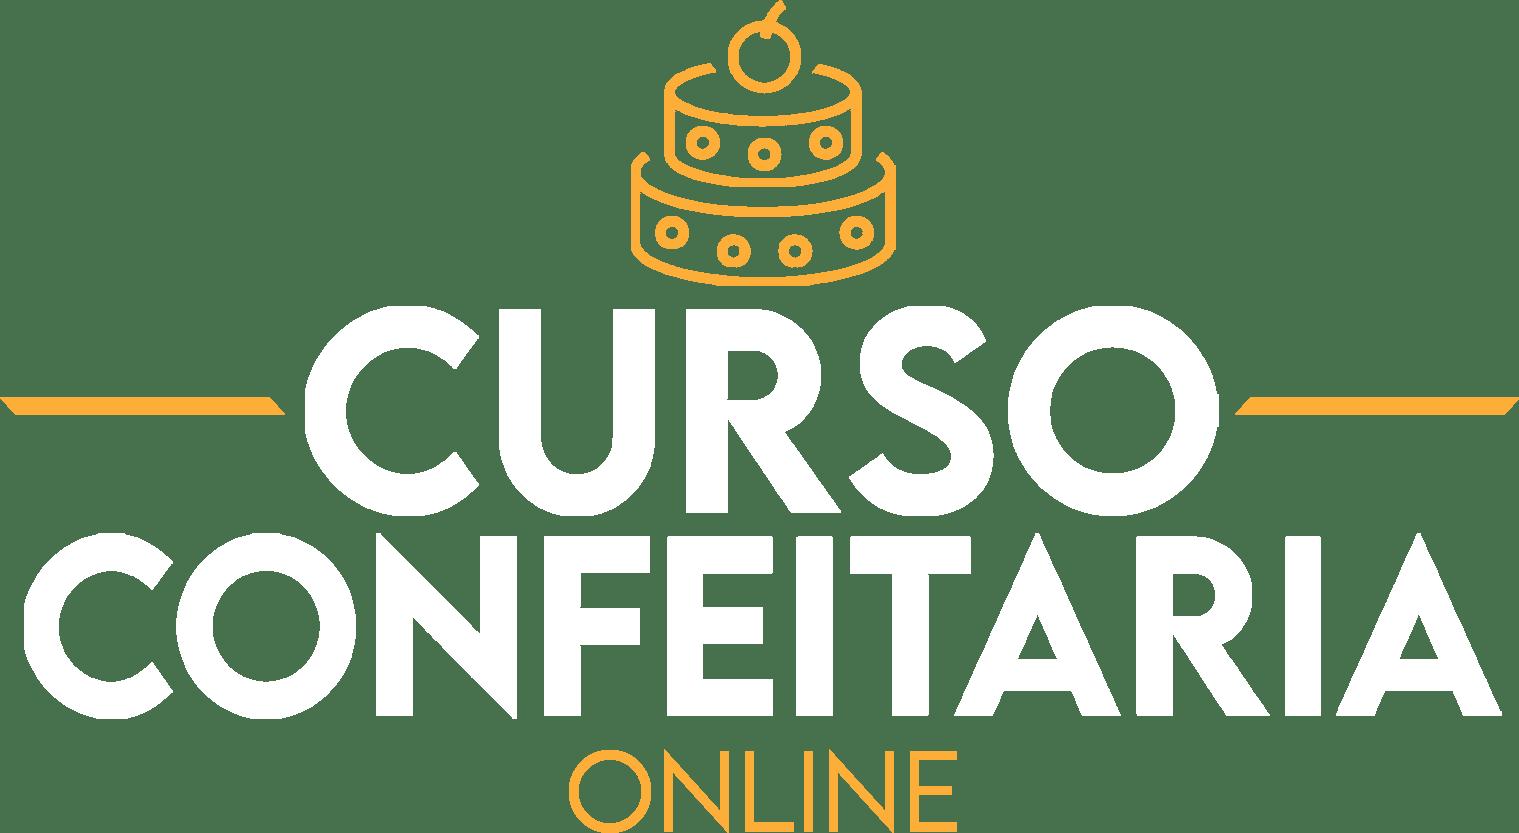 Curso-Confeitaria-online-2.png